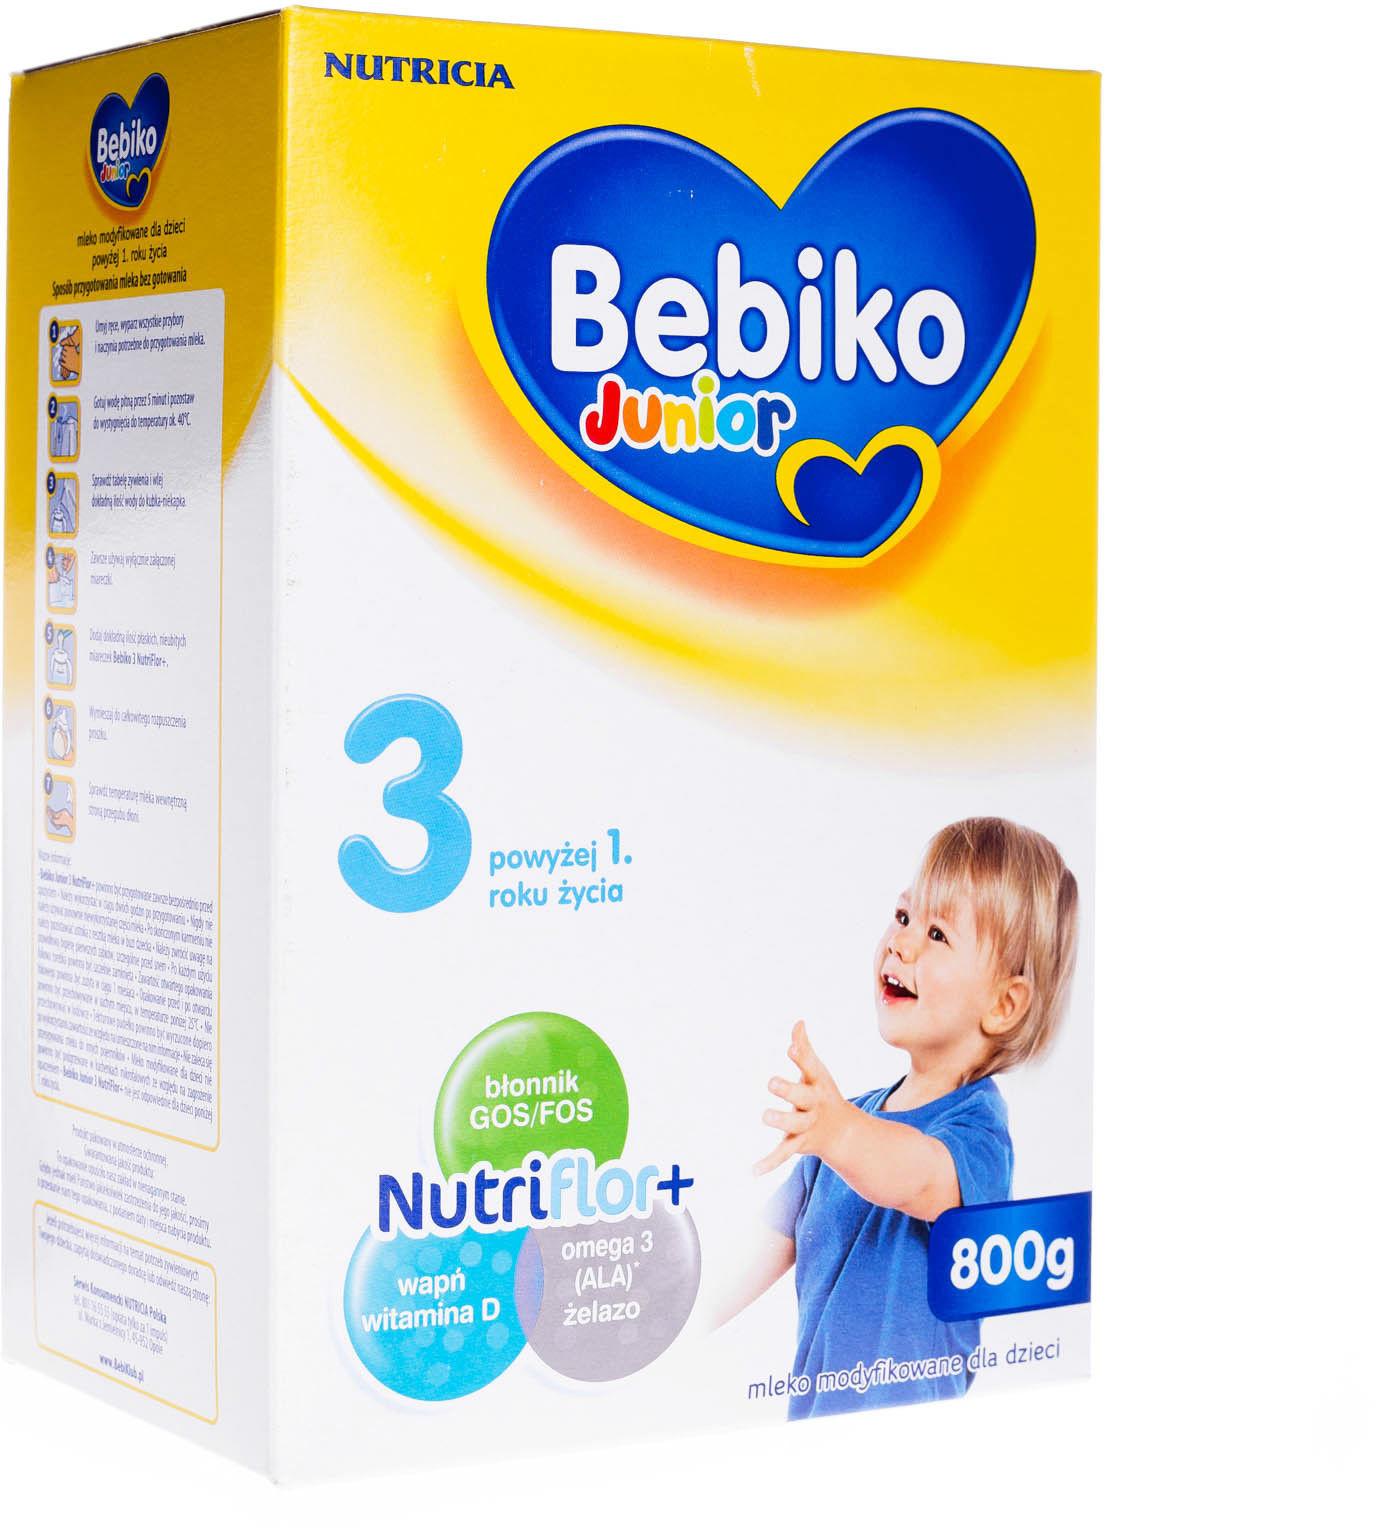 Bebiko Junior 3 mleko modyfikowane powyżej 1 roku życia proszek 800 g